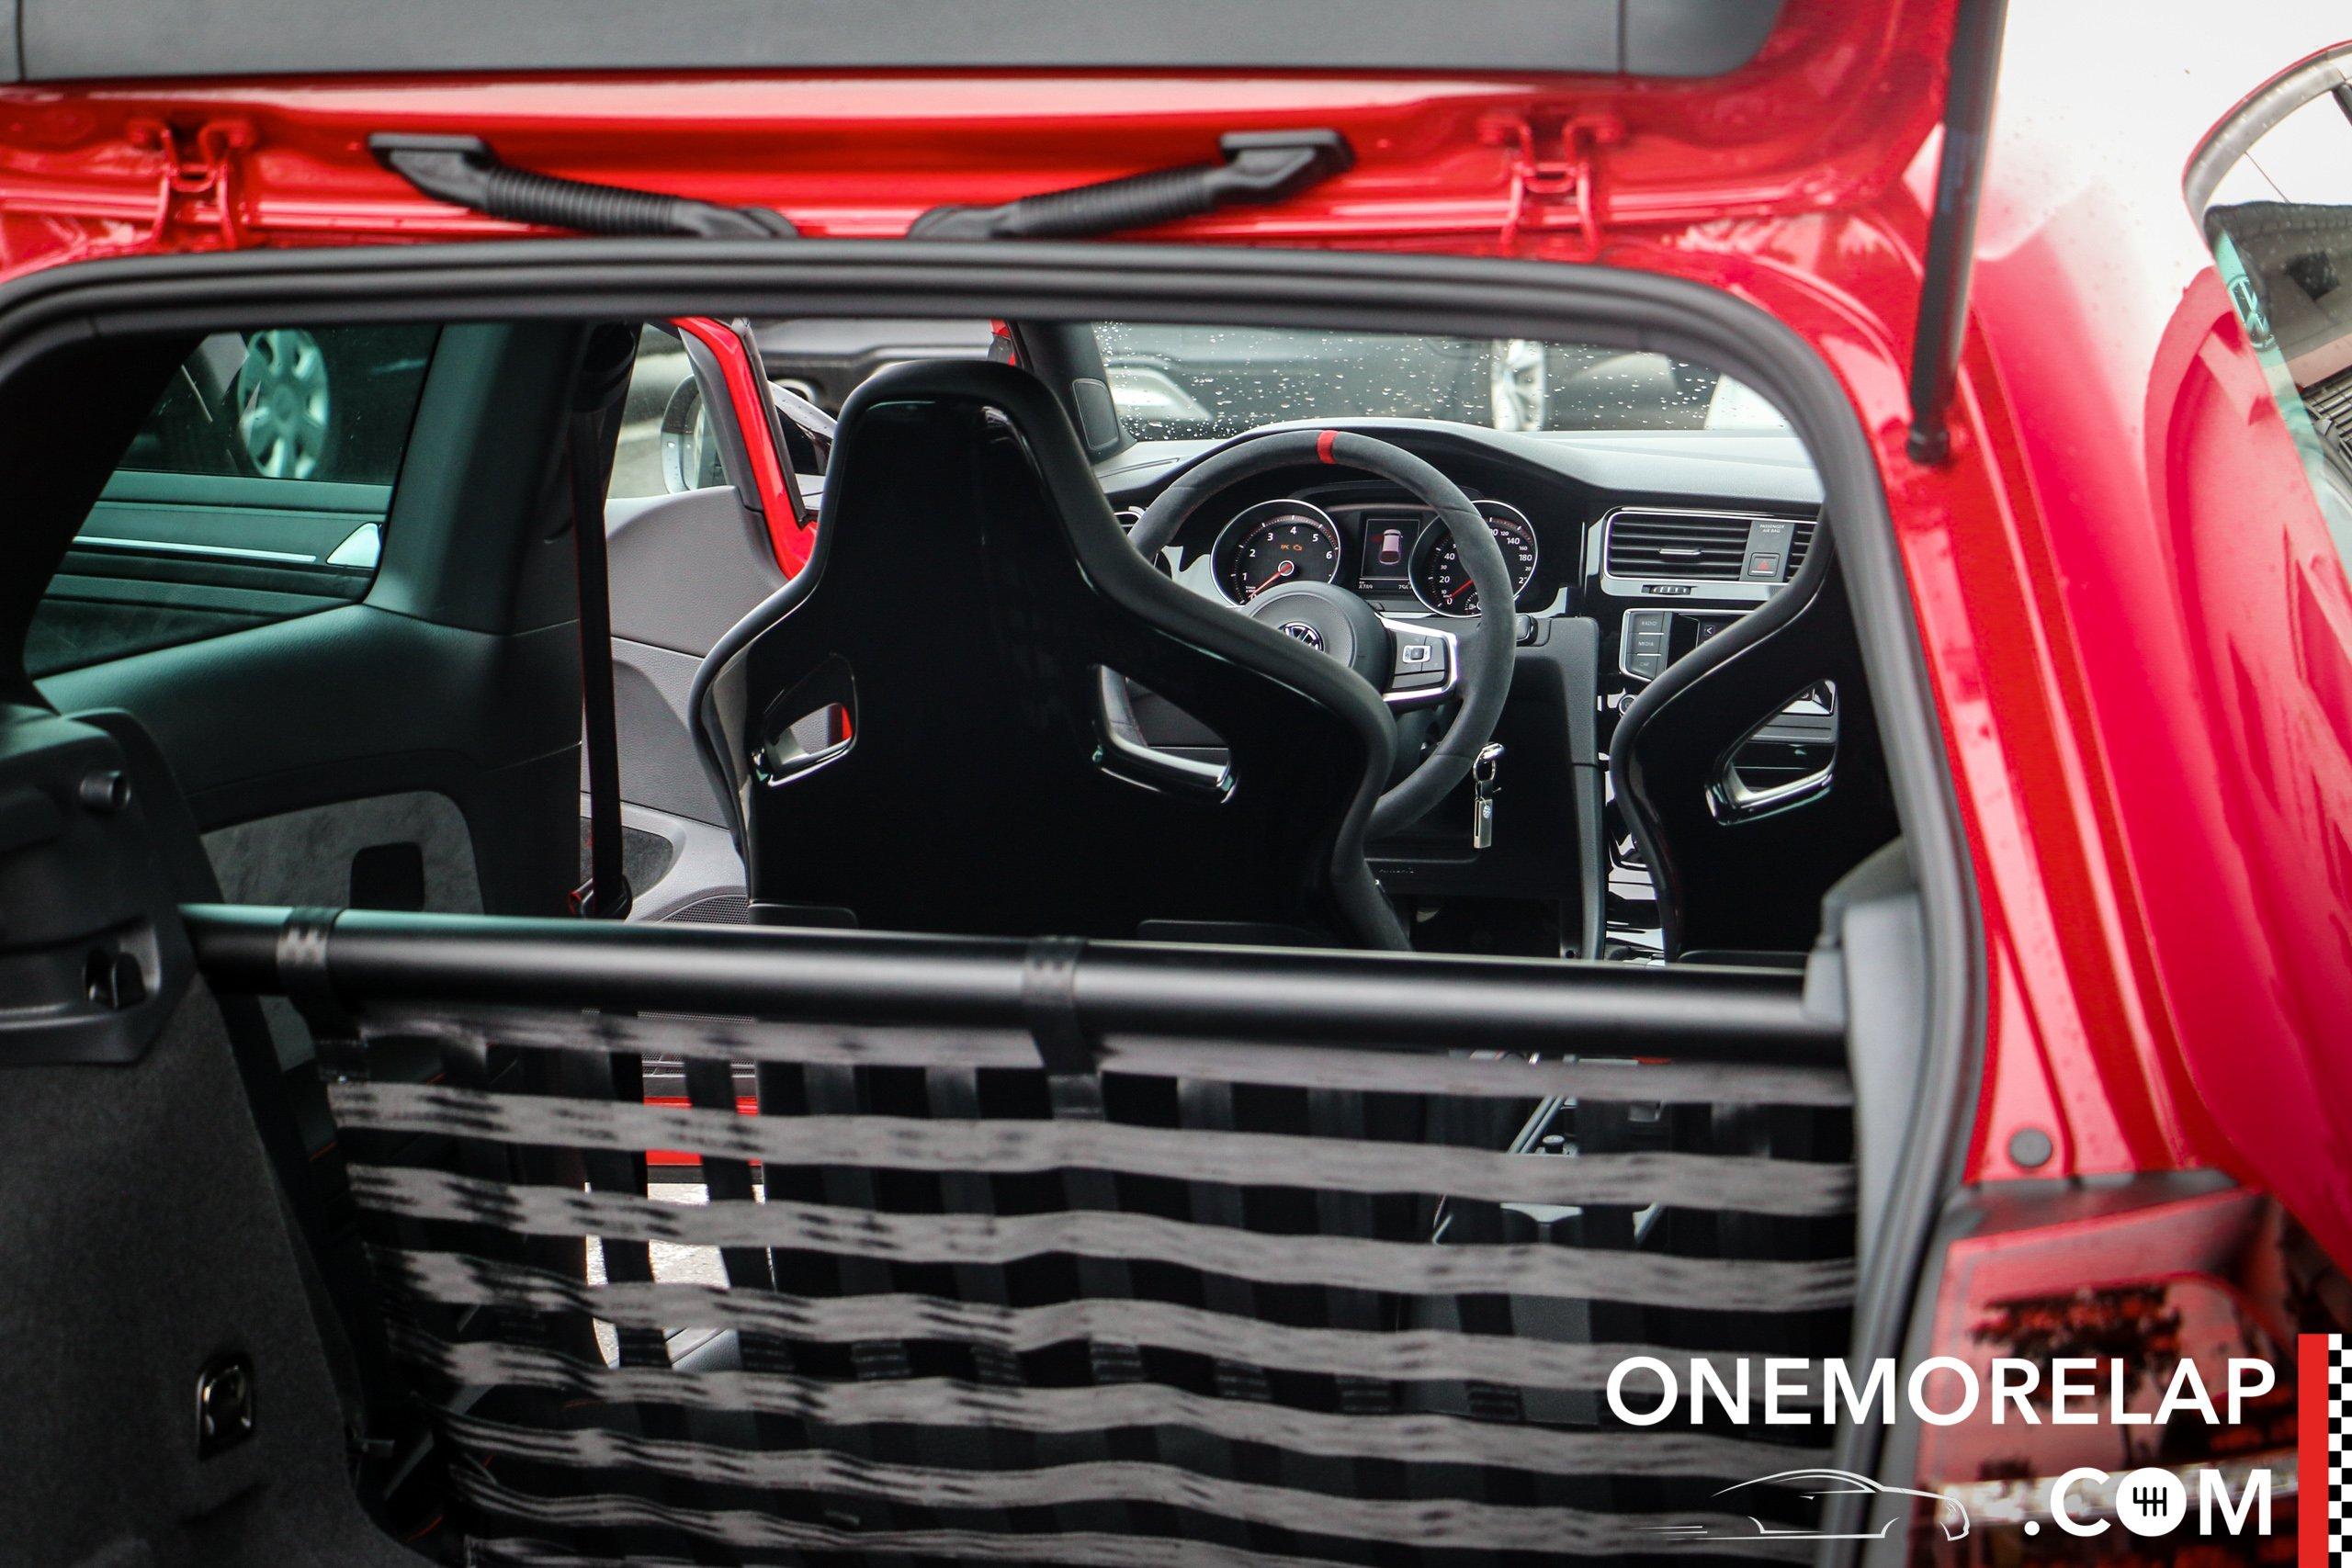 Kurztest: VW Golf GTI Clubsport S auf der Nürburgring Nordschleife